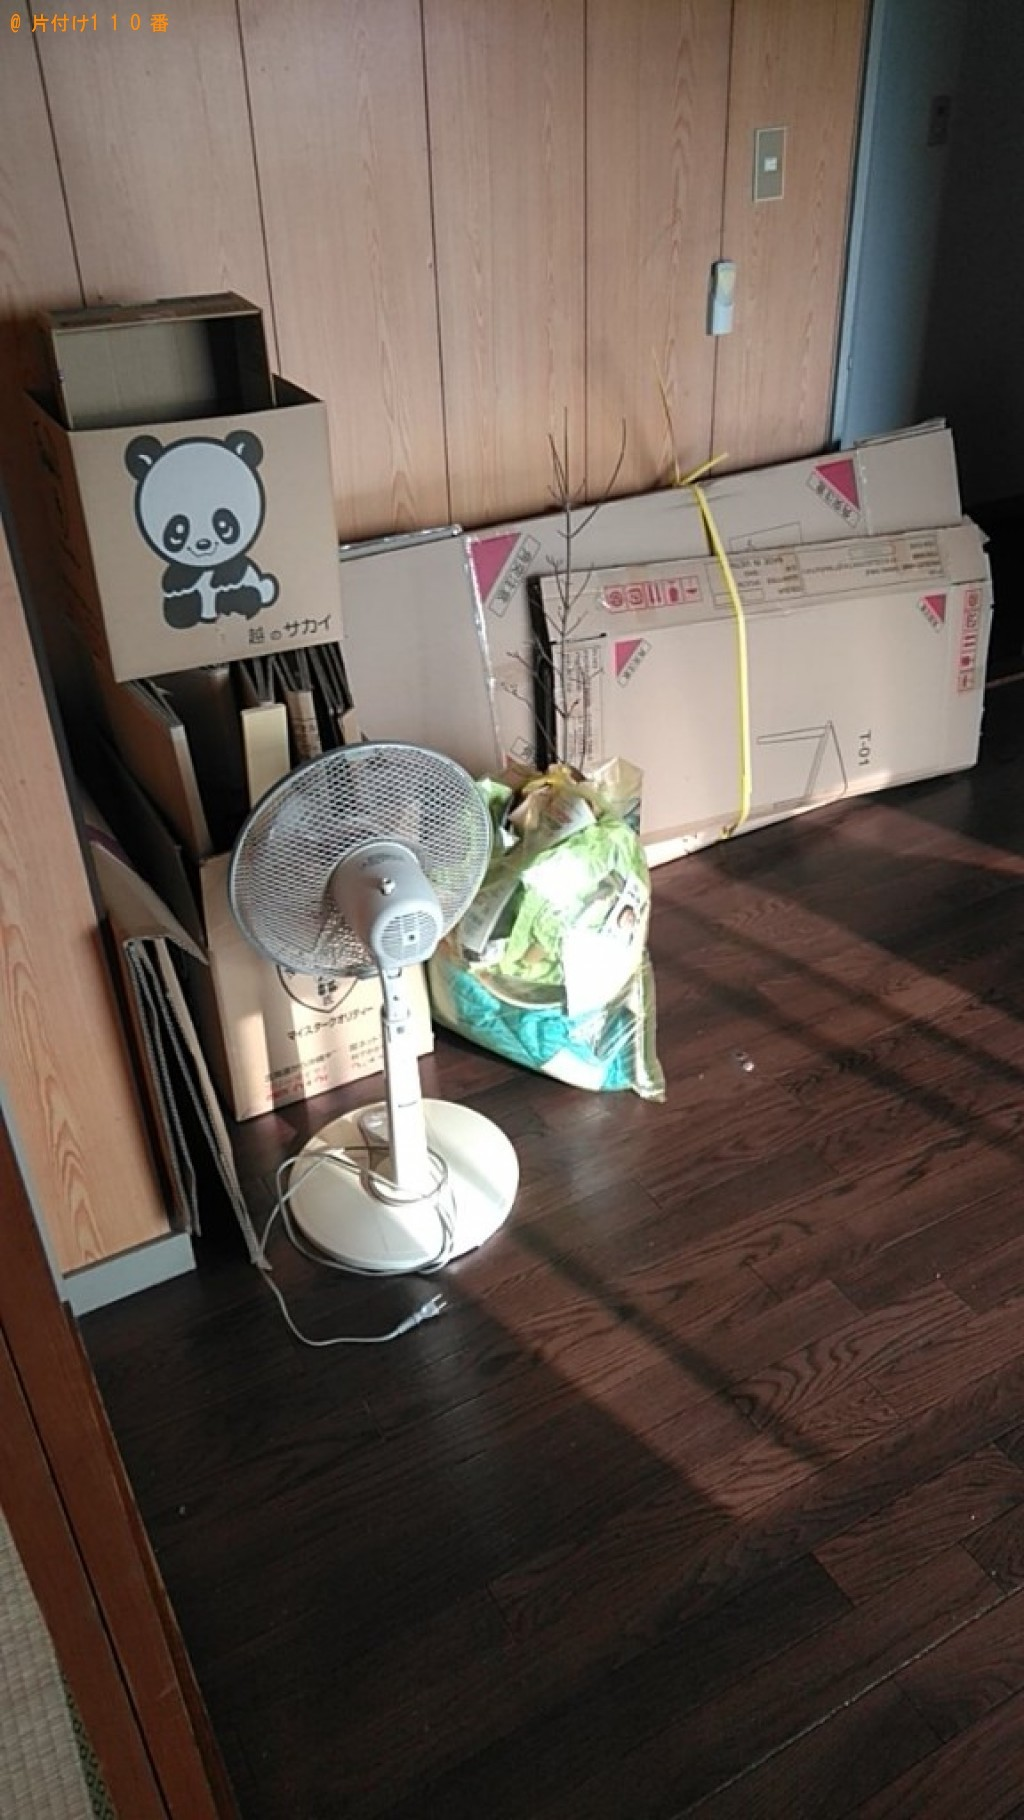 【今治市東鳥生町】タンス、テレビ台、一般ごみ、扇風機等の回収